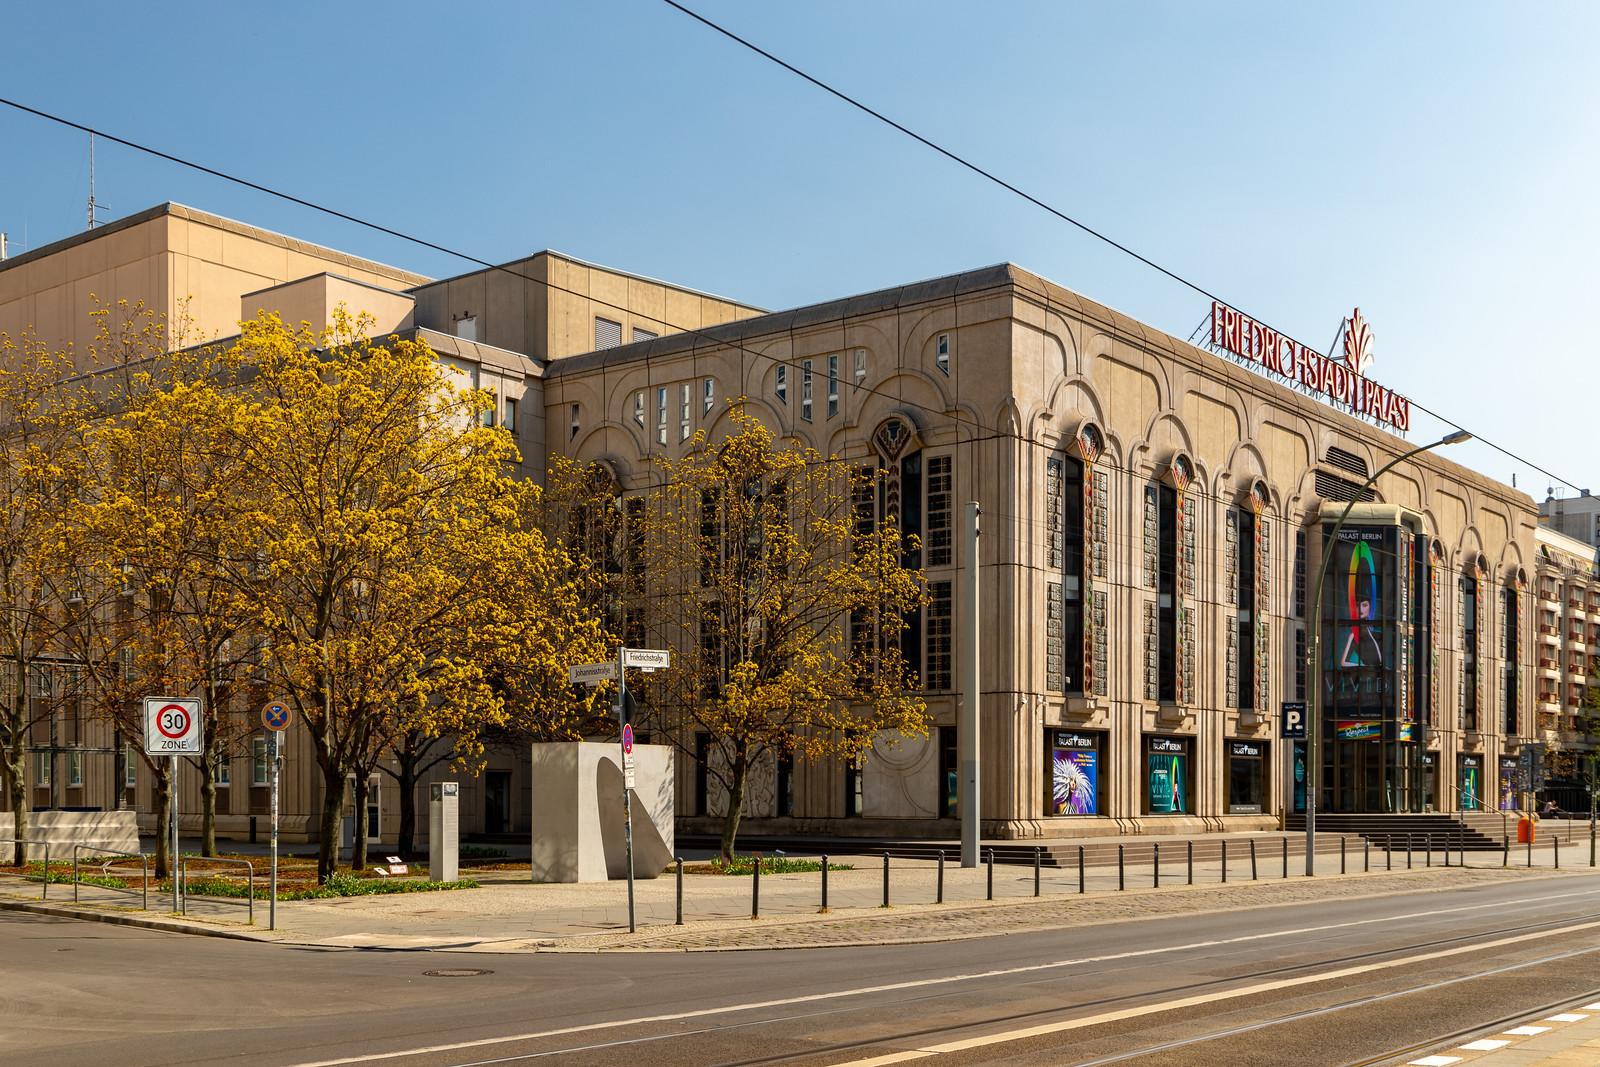 Der Friedrichstadt-Ppalast